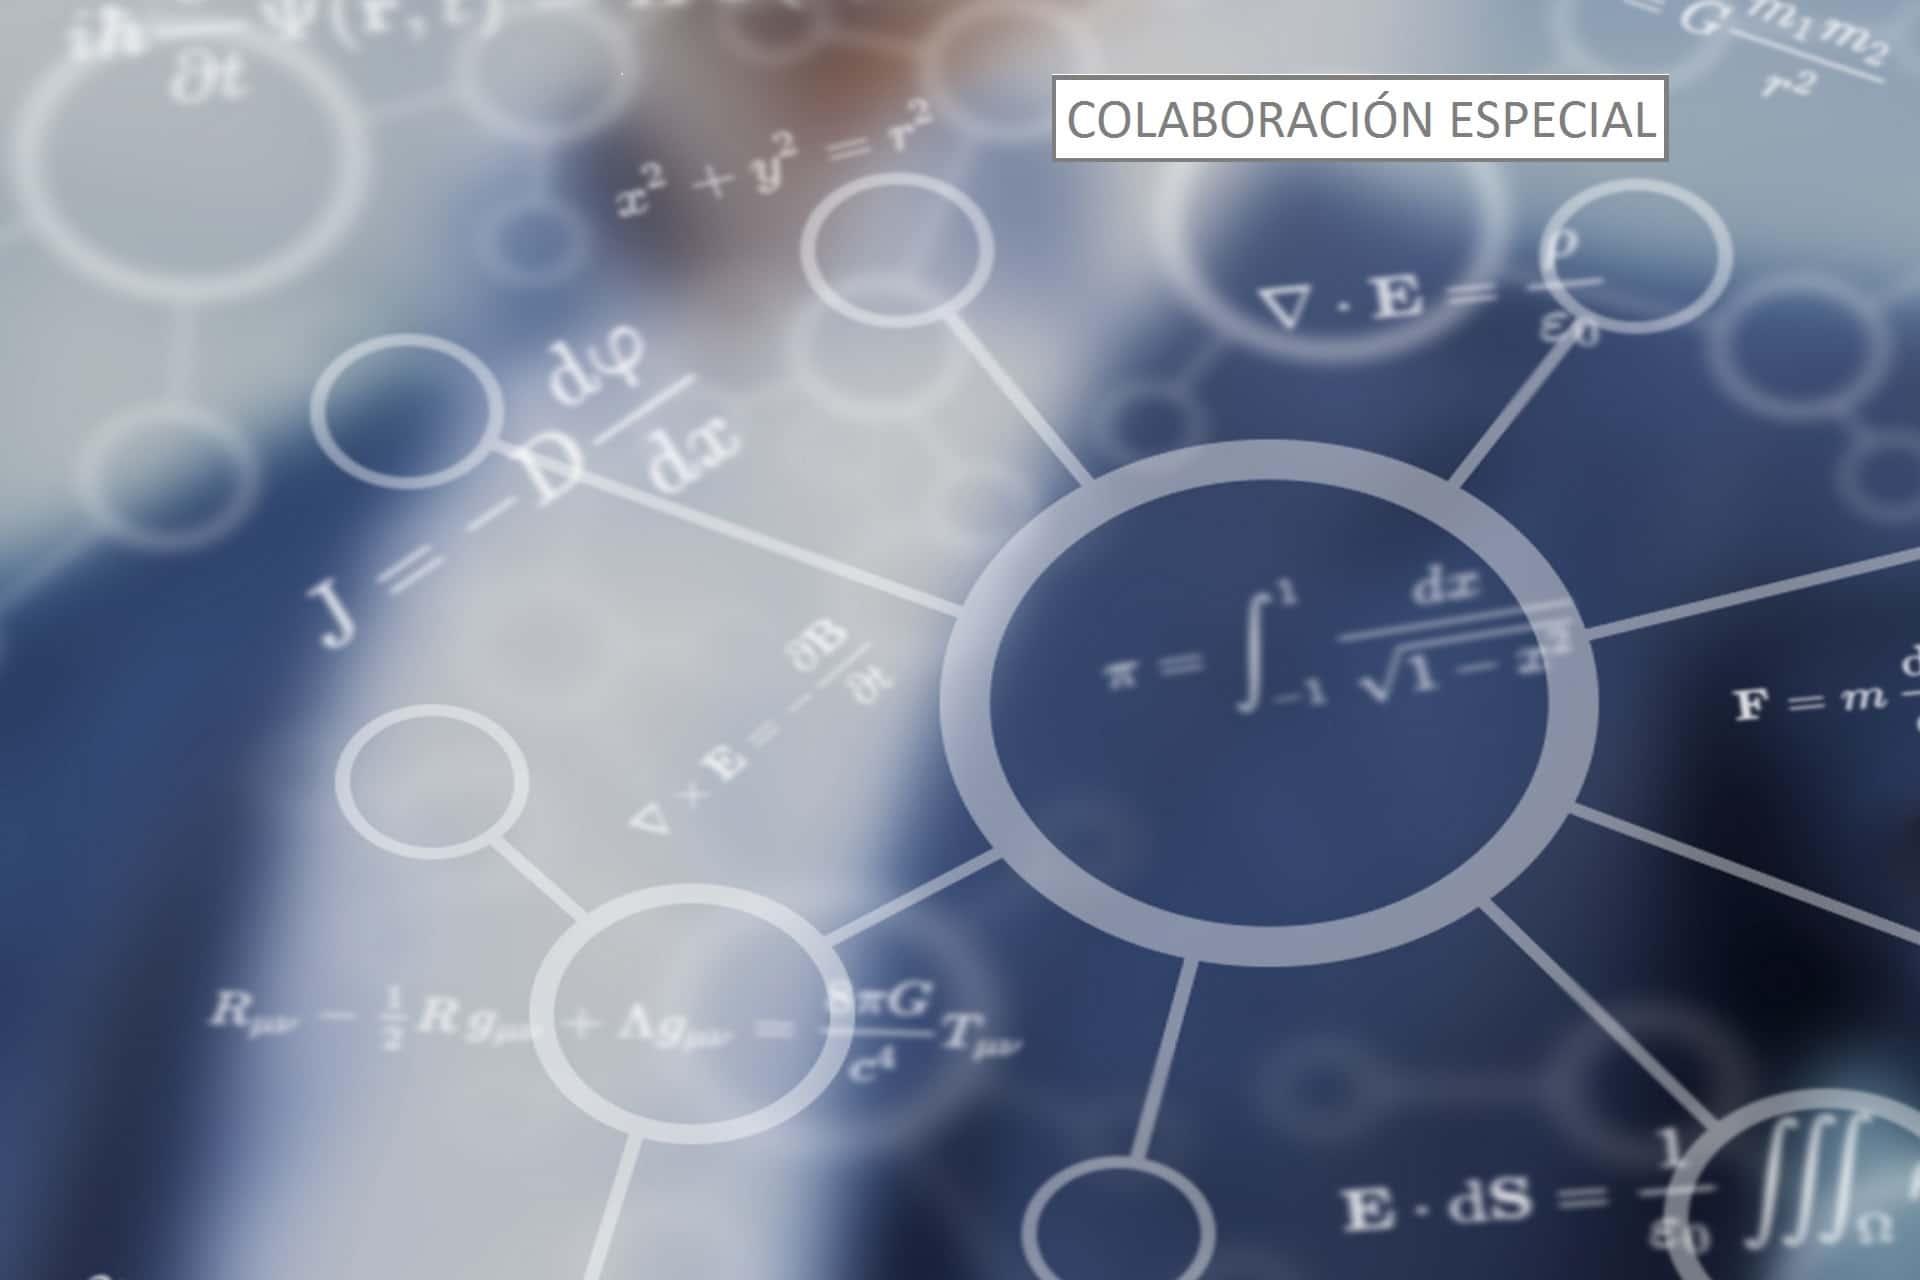 Cópulas: su concepto y utilidad en la medición de riesgos